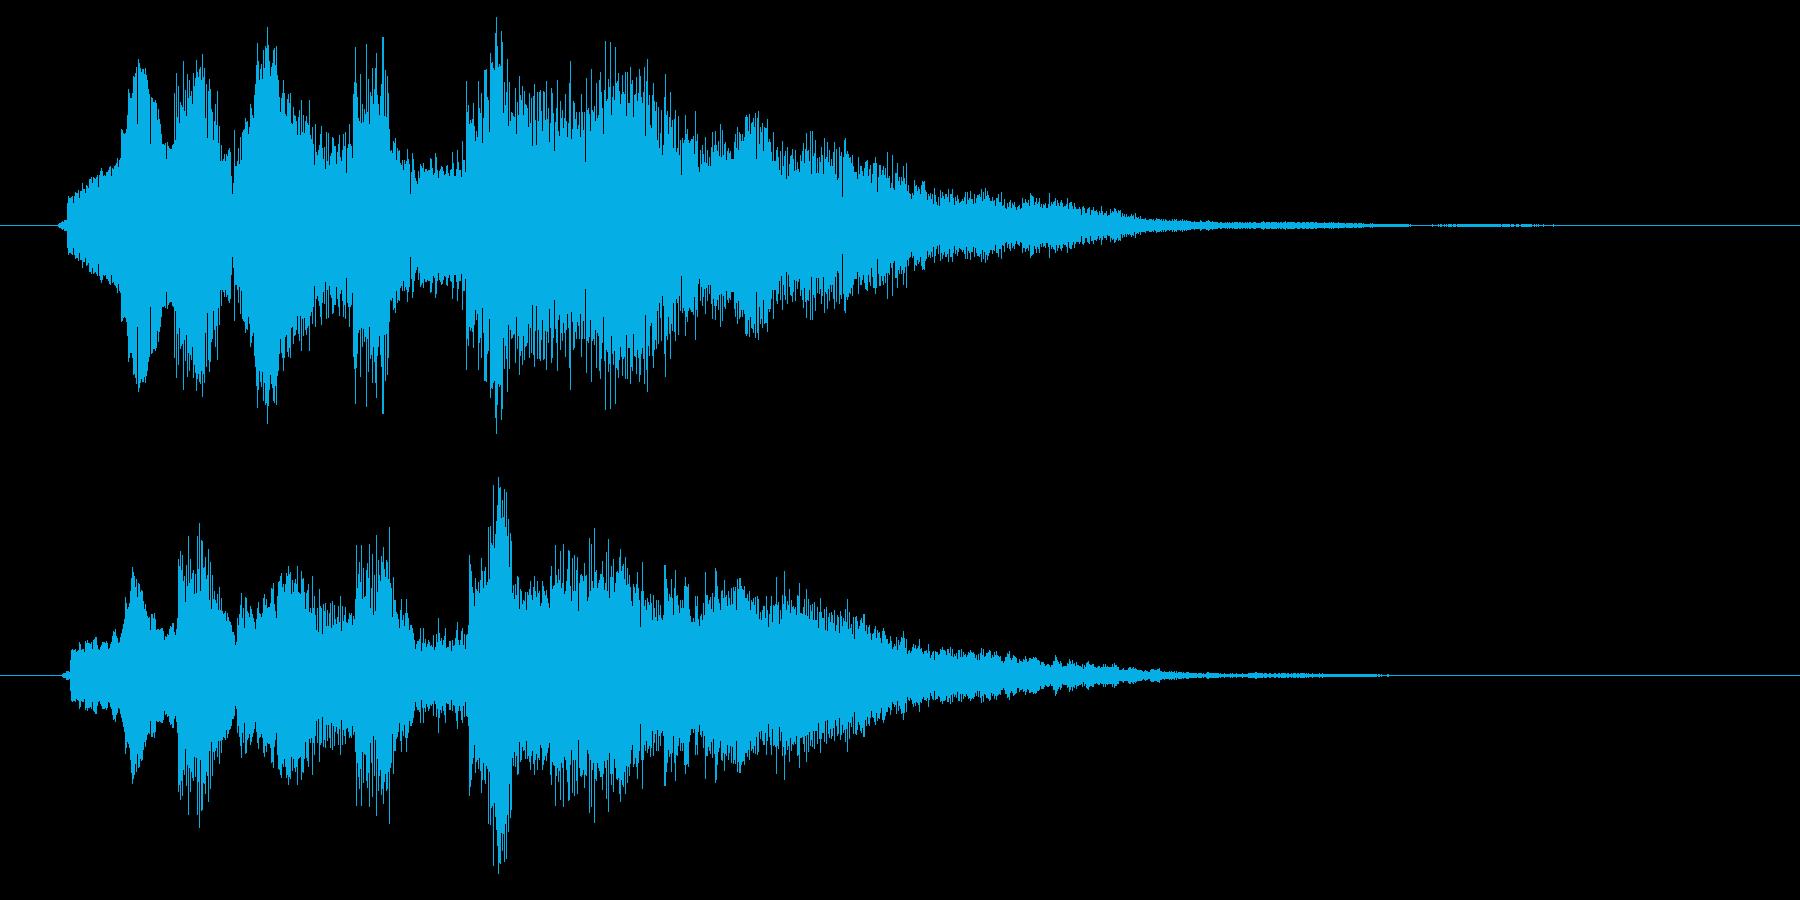 12弦ギター風サウンドロゴの再生済みの波形